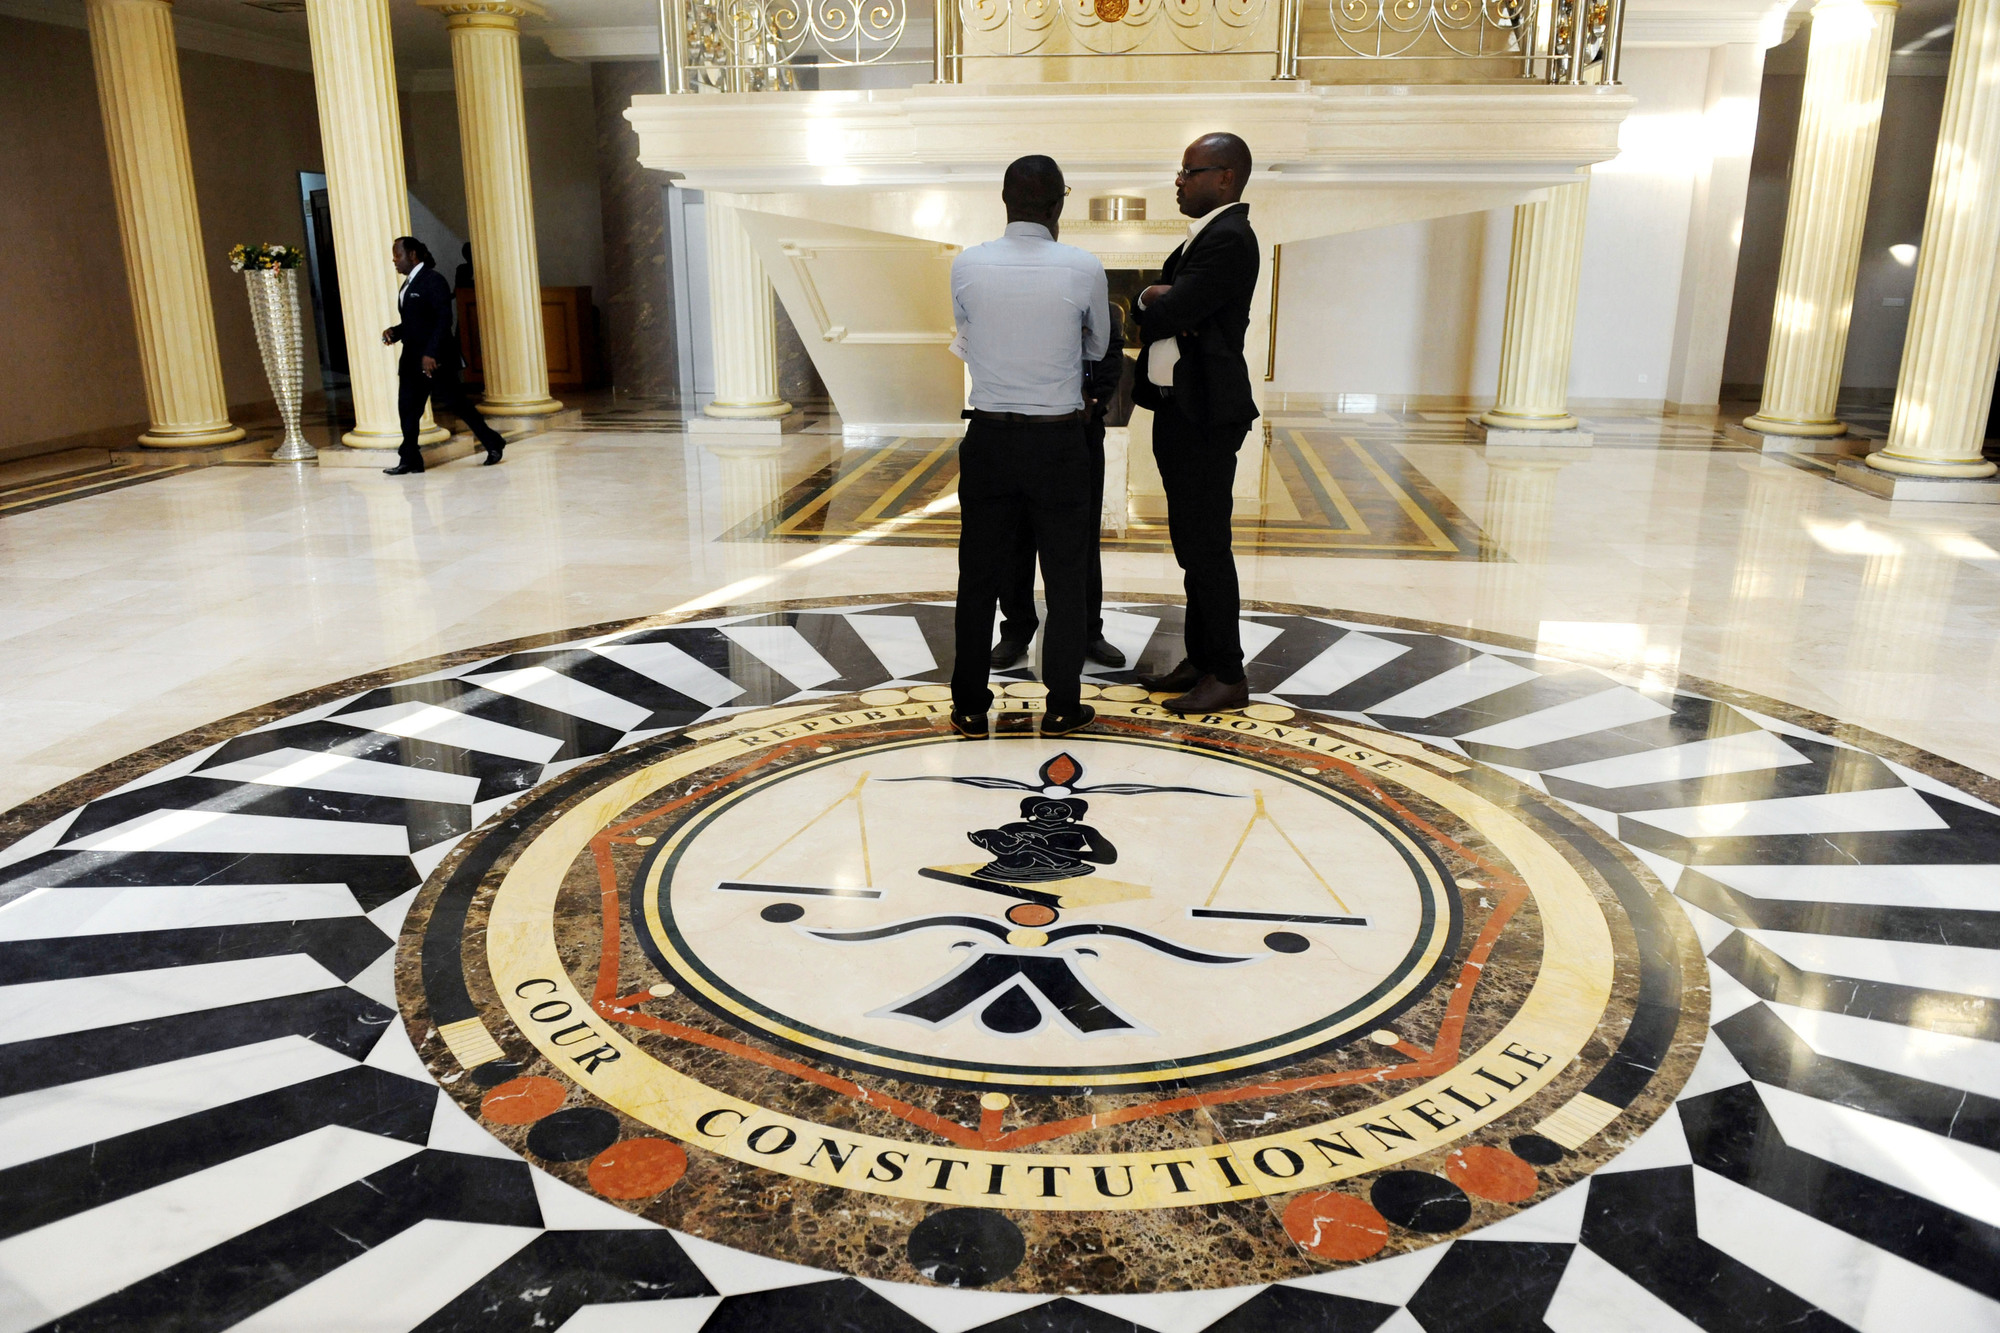 Le 14novembre, la Cour constitutionnellea autorisé le vice-président et le chef du gouvernement à tenir le Conseil des ministres.